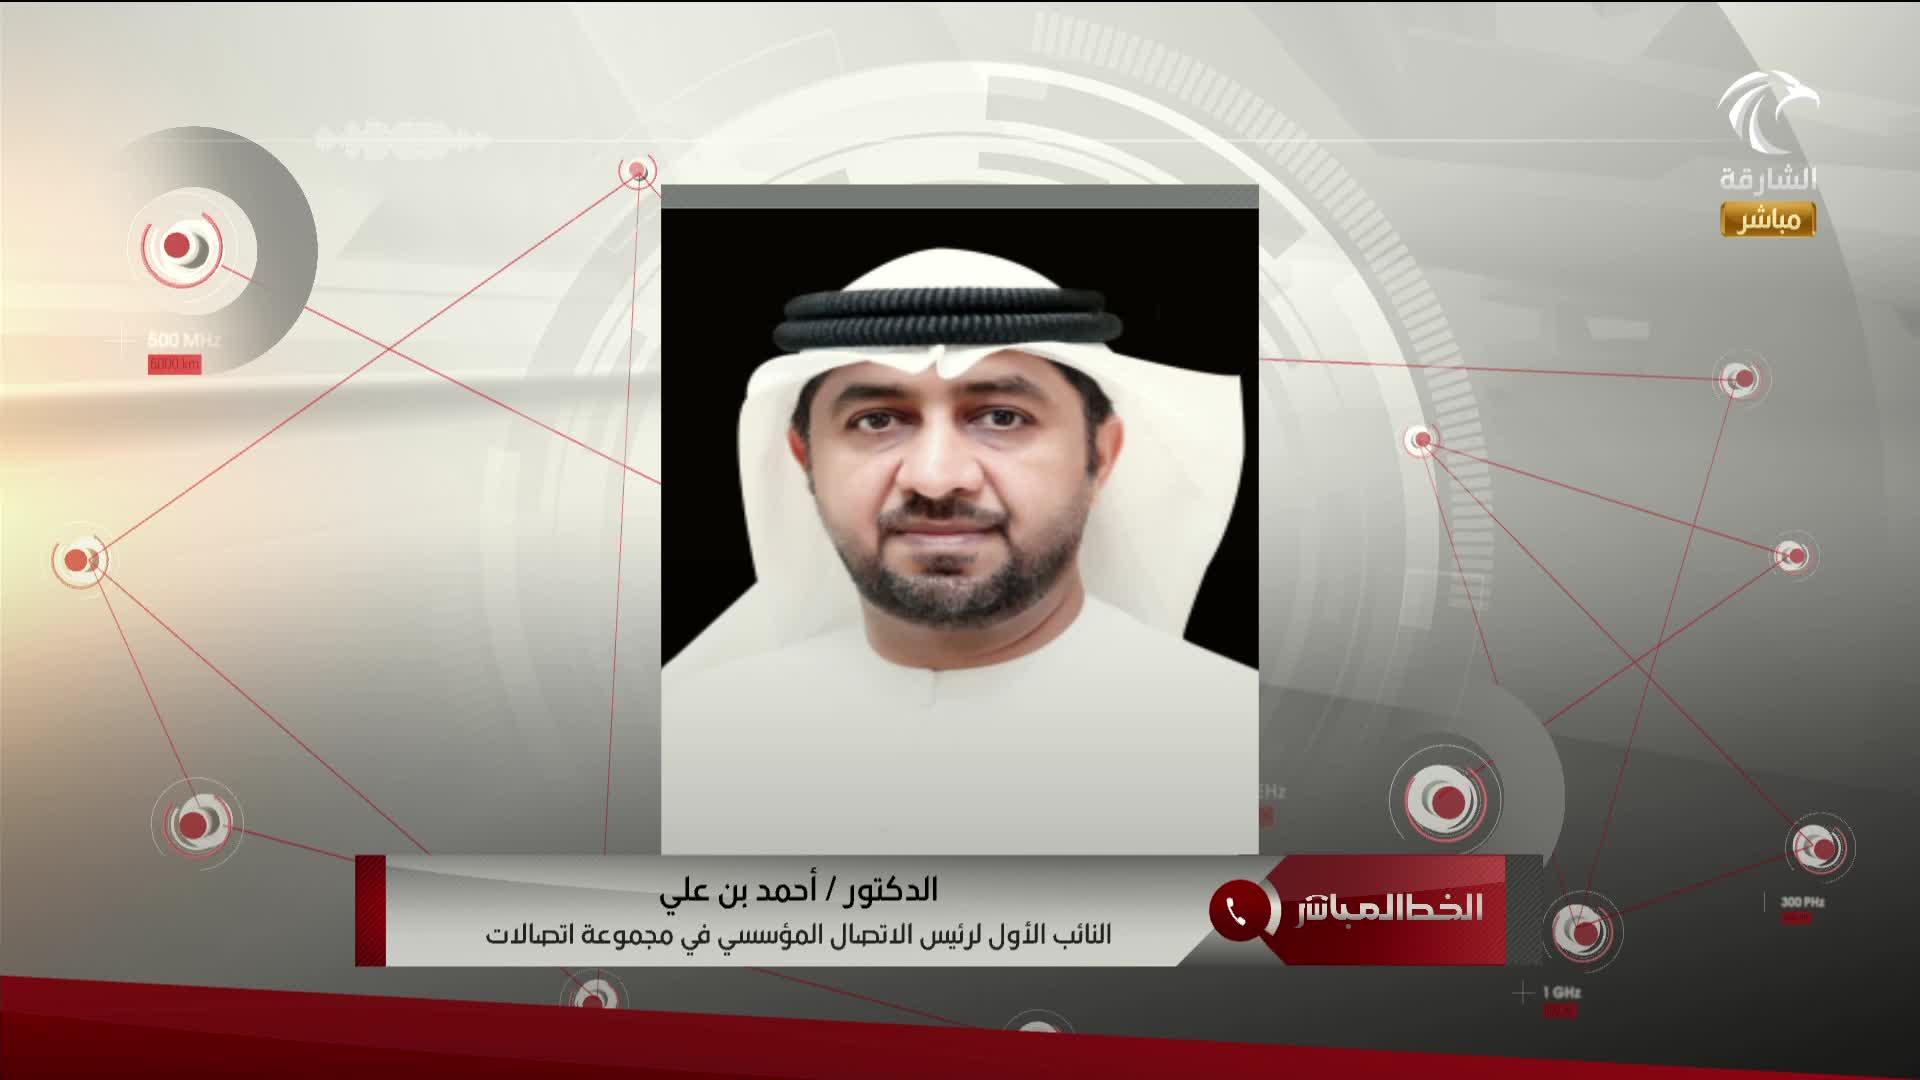 مداخلة د.أحمد بن علي النائب الأول لرئيس الاتصال المؤسسي في مجموعة اتصالات عبر الخط المباشر | 10-06-2021